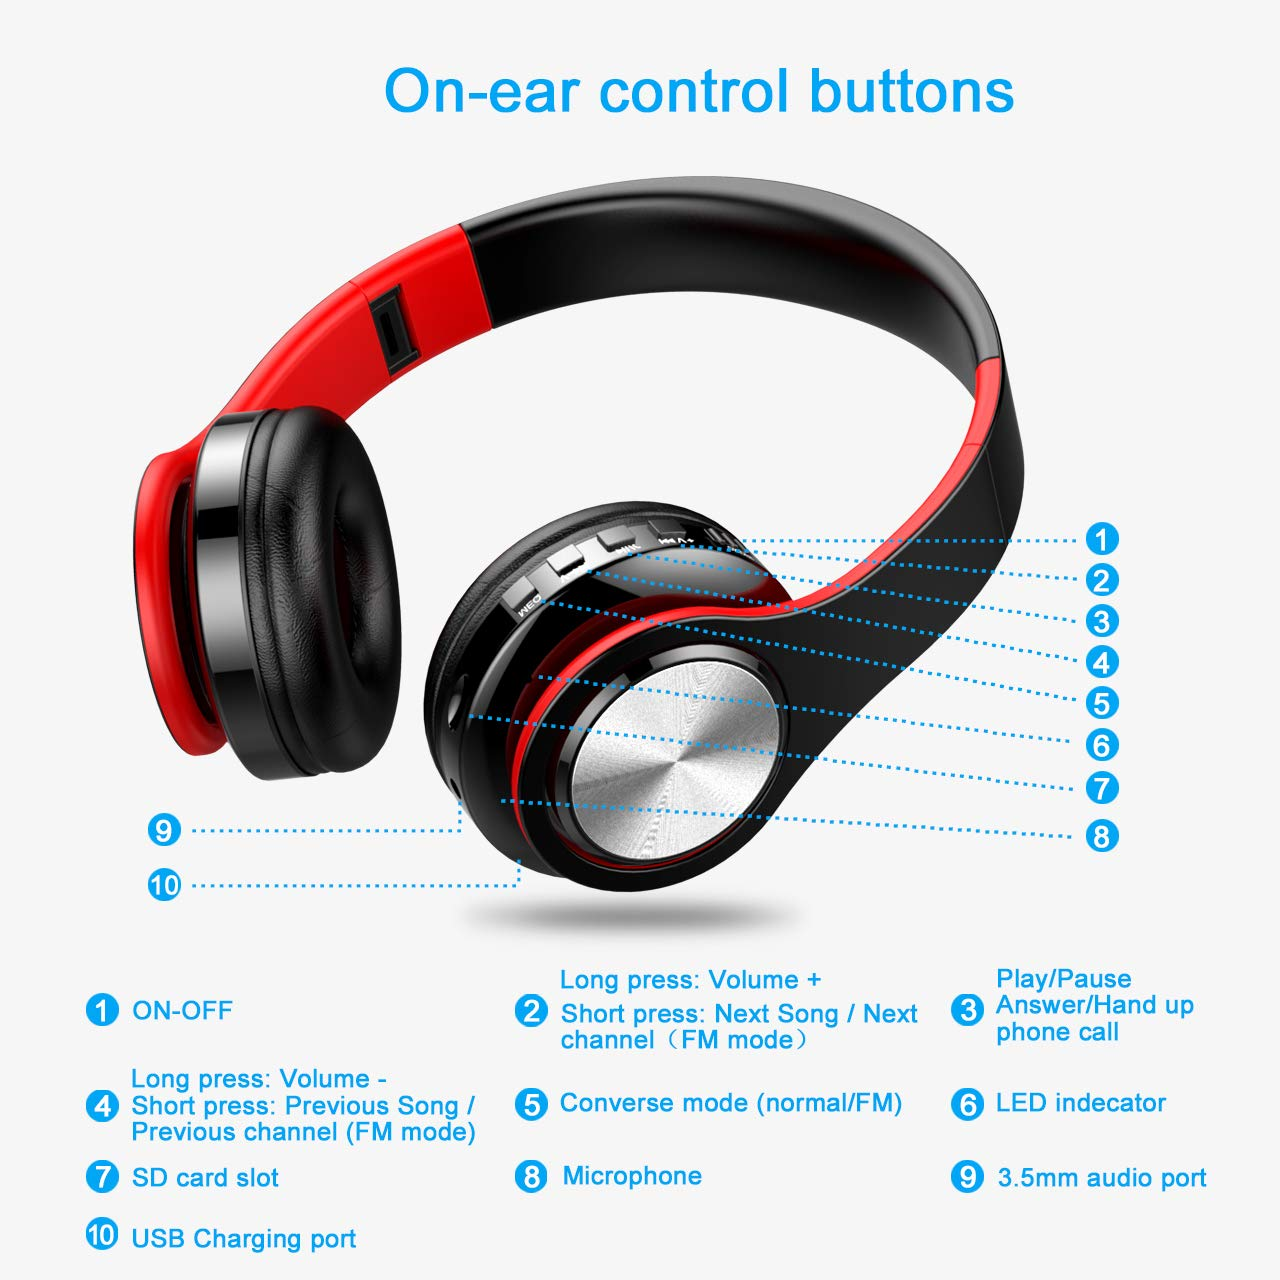 Cascos Bluetooth Inalámbricos, OLTA Auriculares Plegable con Micrófono, Manos Libres, Almohadillas de Protección Cómodo, MicroSD, para iPhone y ...